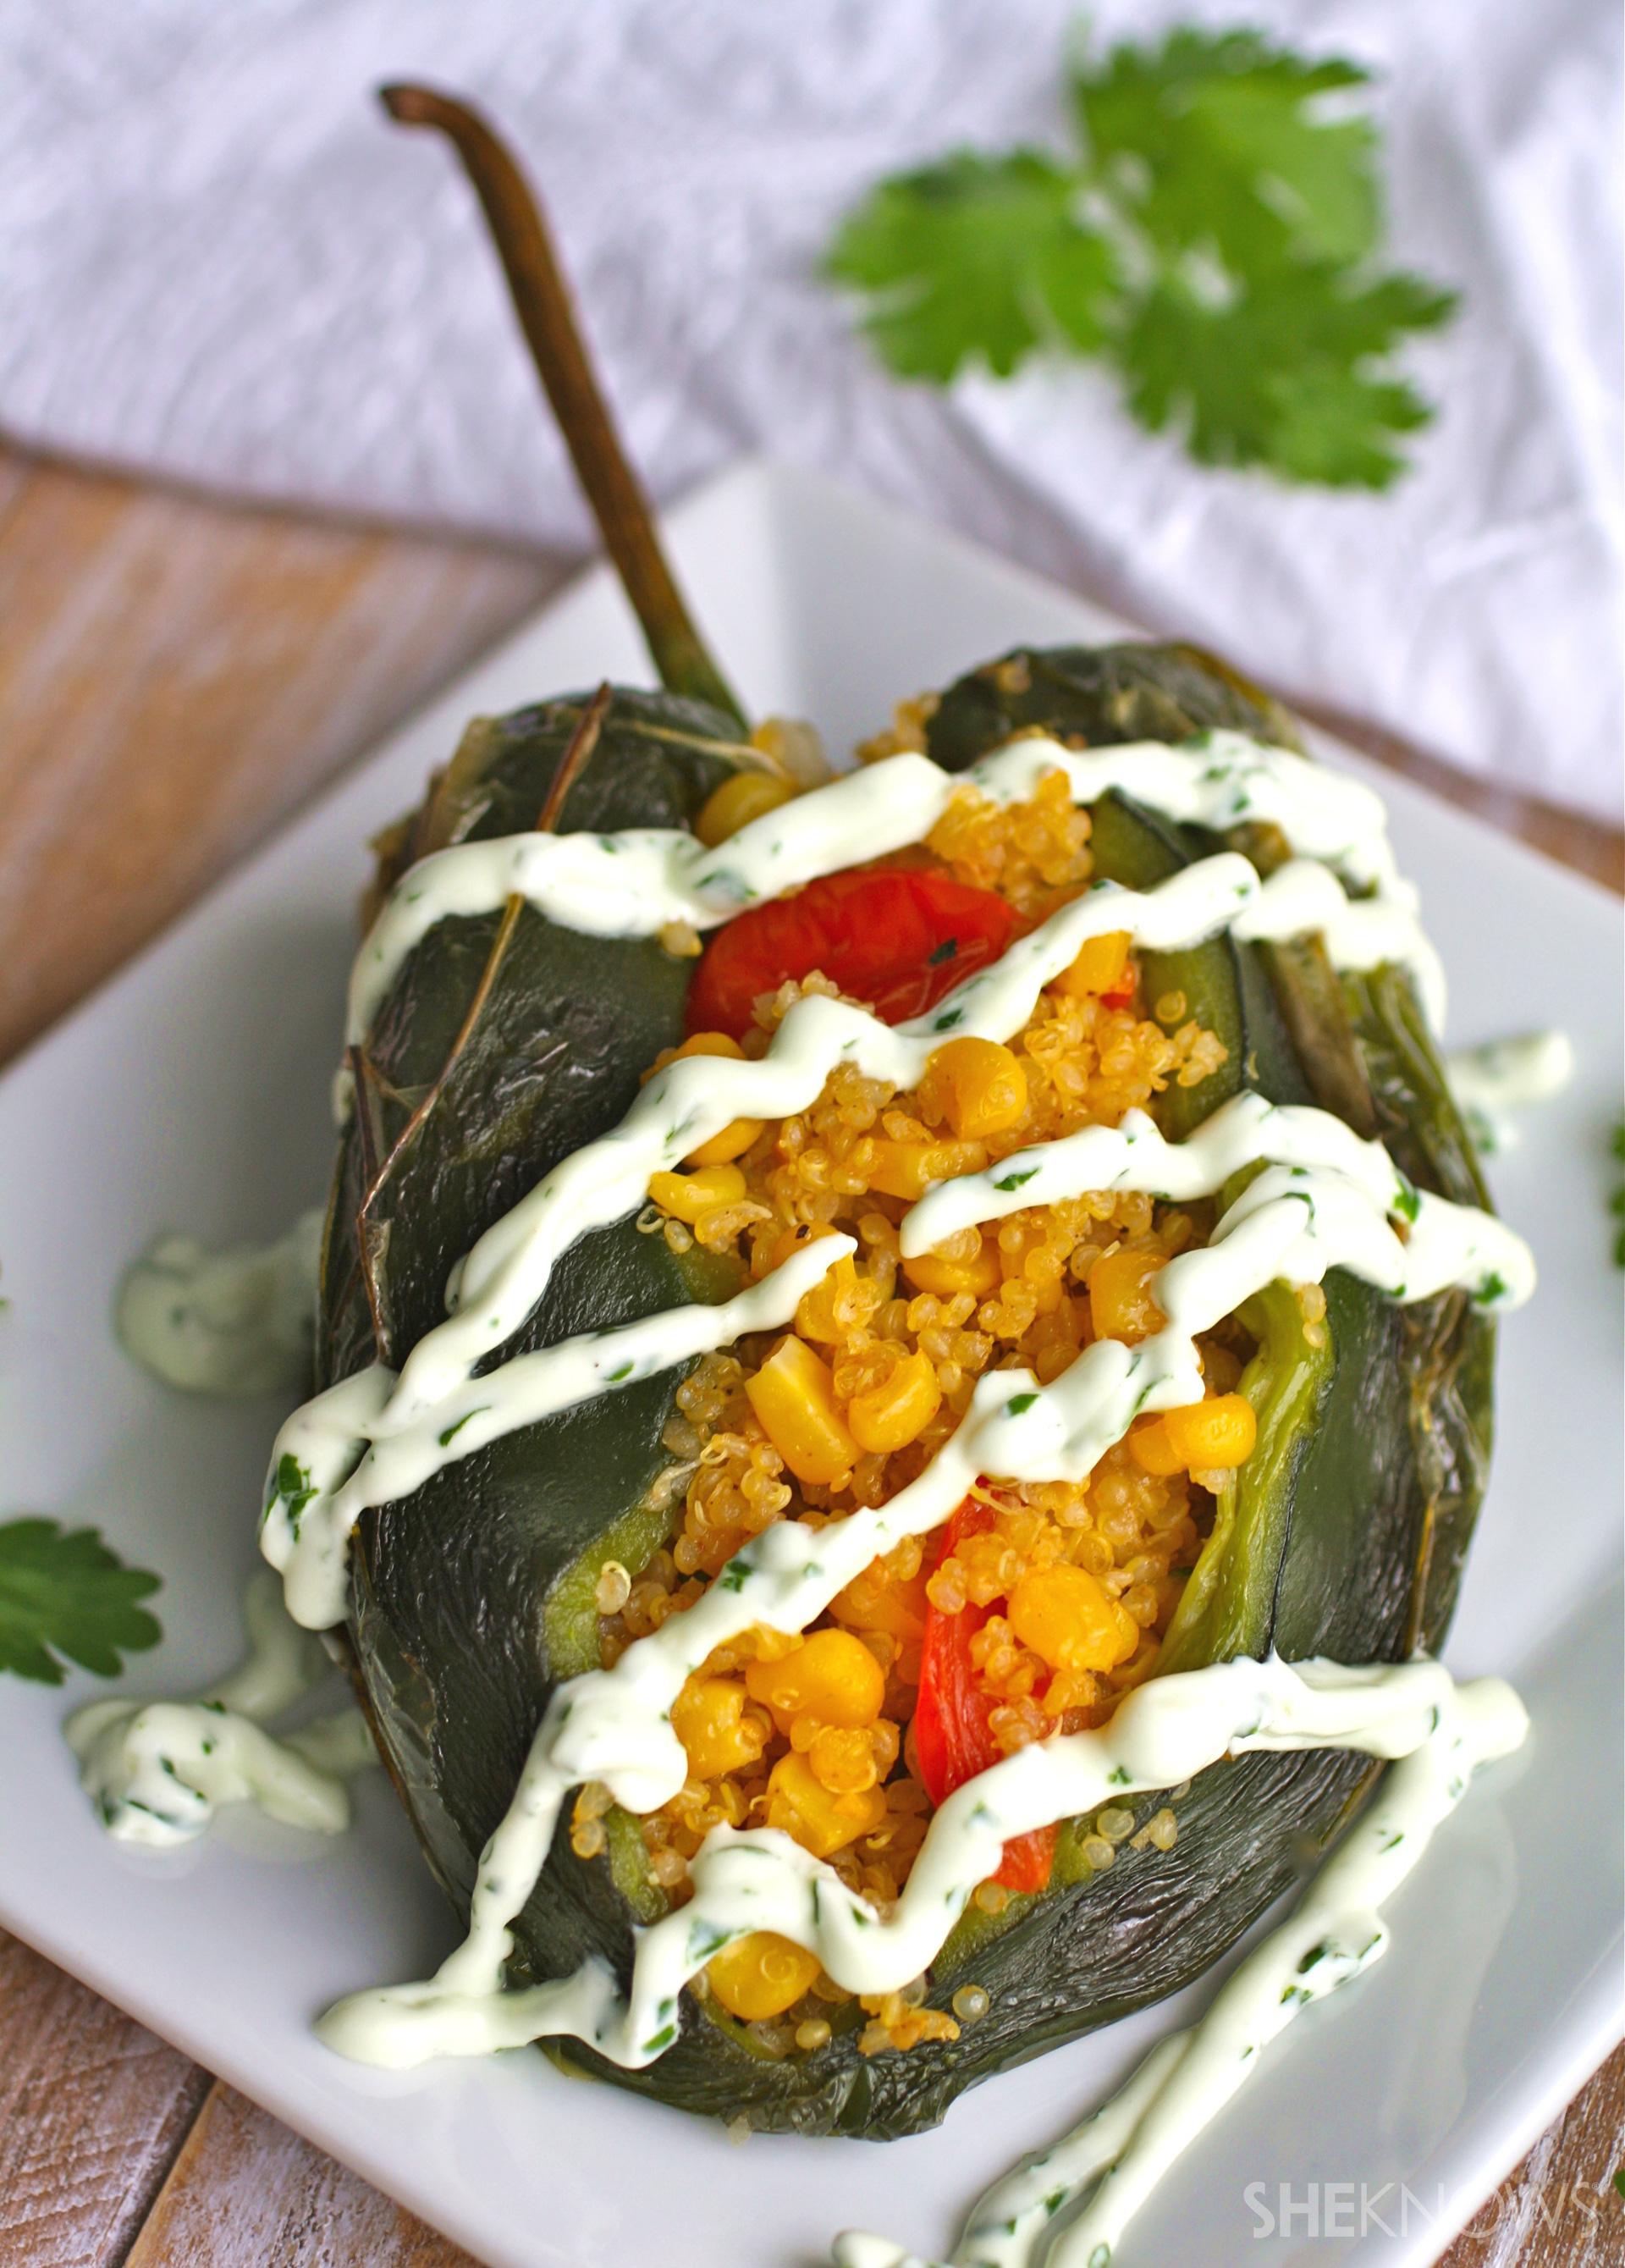 ?Corn and quinoa-stuffed poblano peppers with cilantro cream sauce